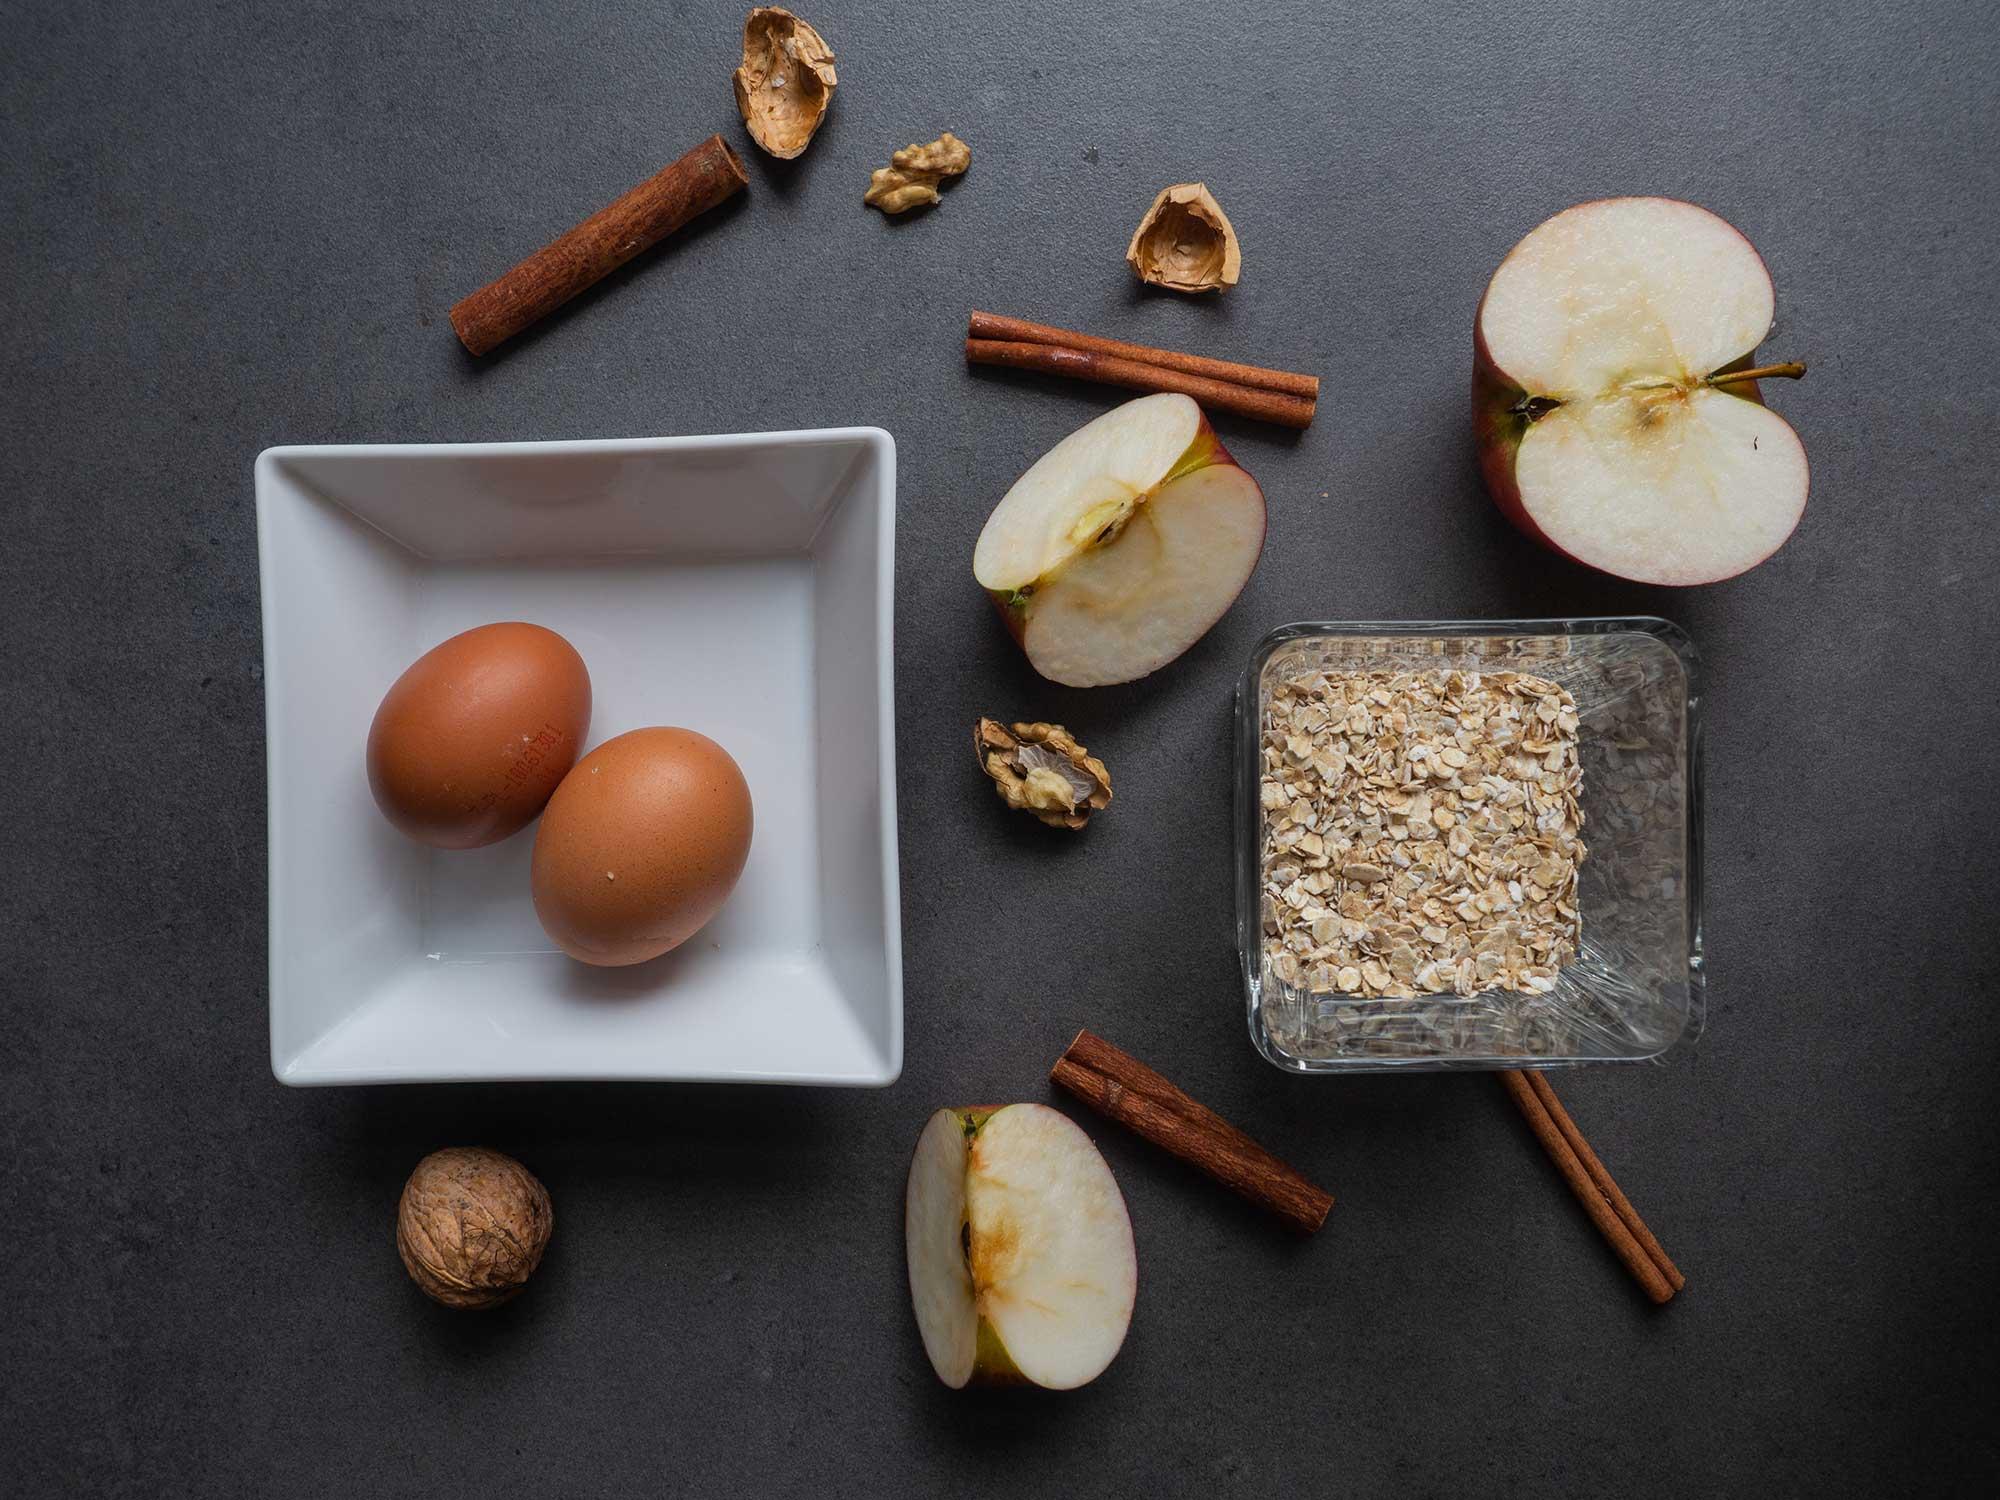 Ingredients: Apples, eggs